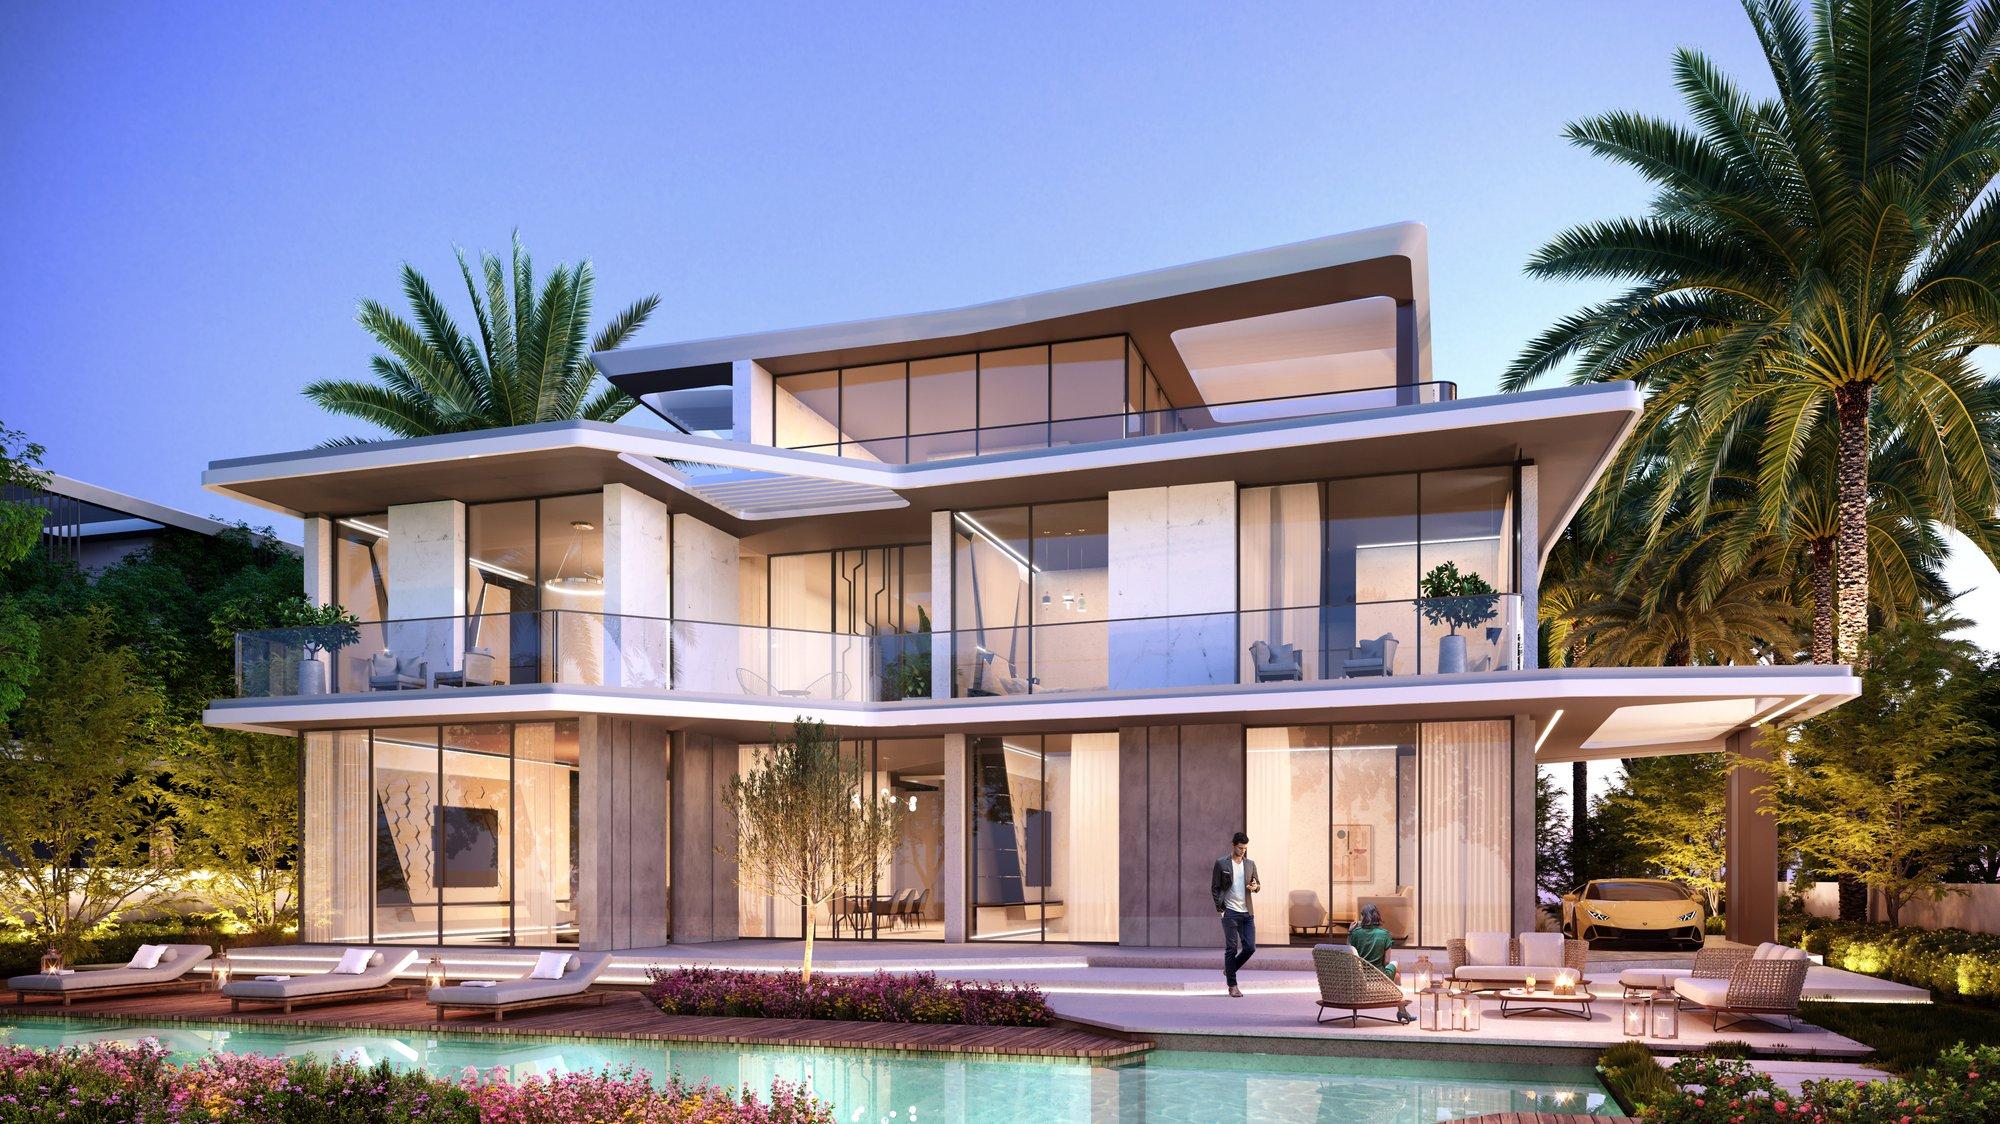 Villa in Dubai, Dubai, United Arab Emirates 1 - 11632145